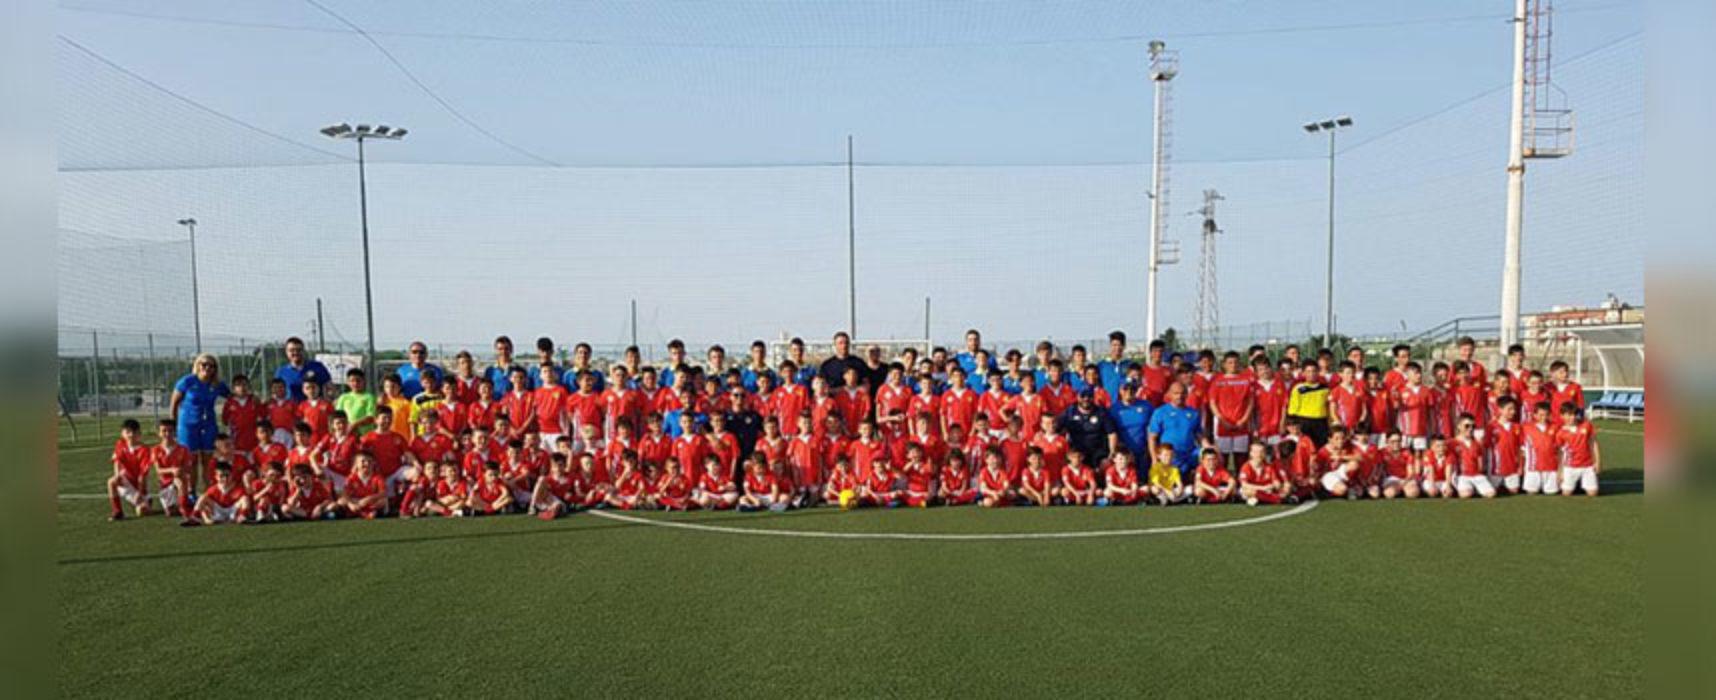 Real Bisceglie: dalla FIGC ecco il riconoscimento quale Scuola di Calcio a 11